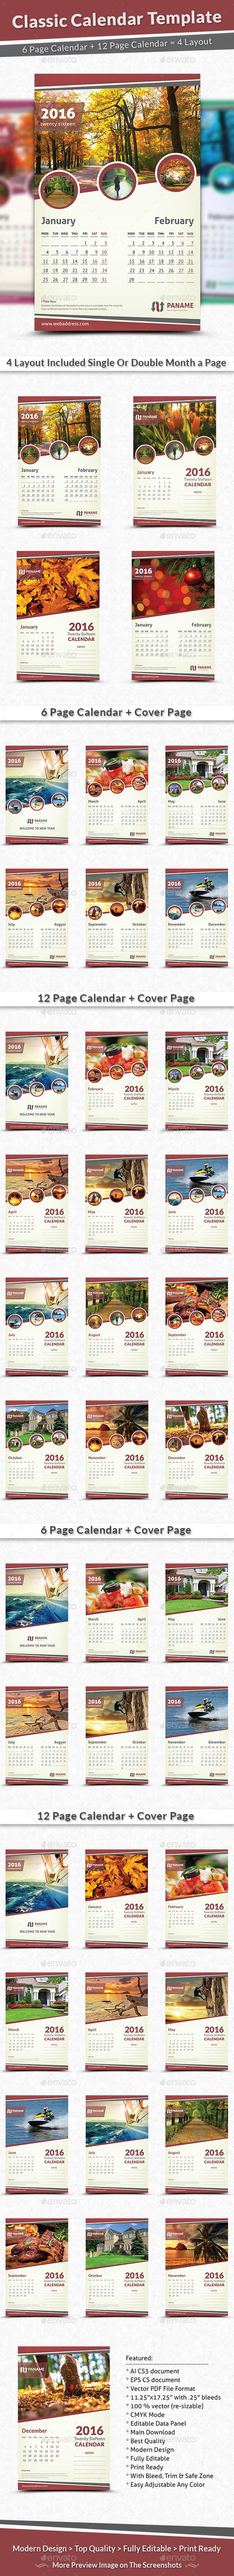 Classic Calendar Template 2016 - Calendars Stationery